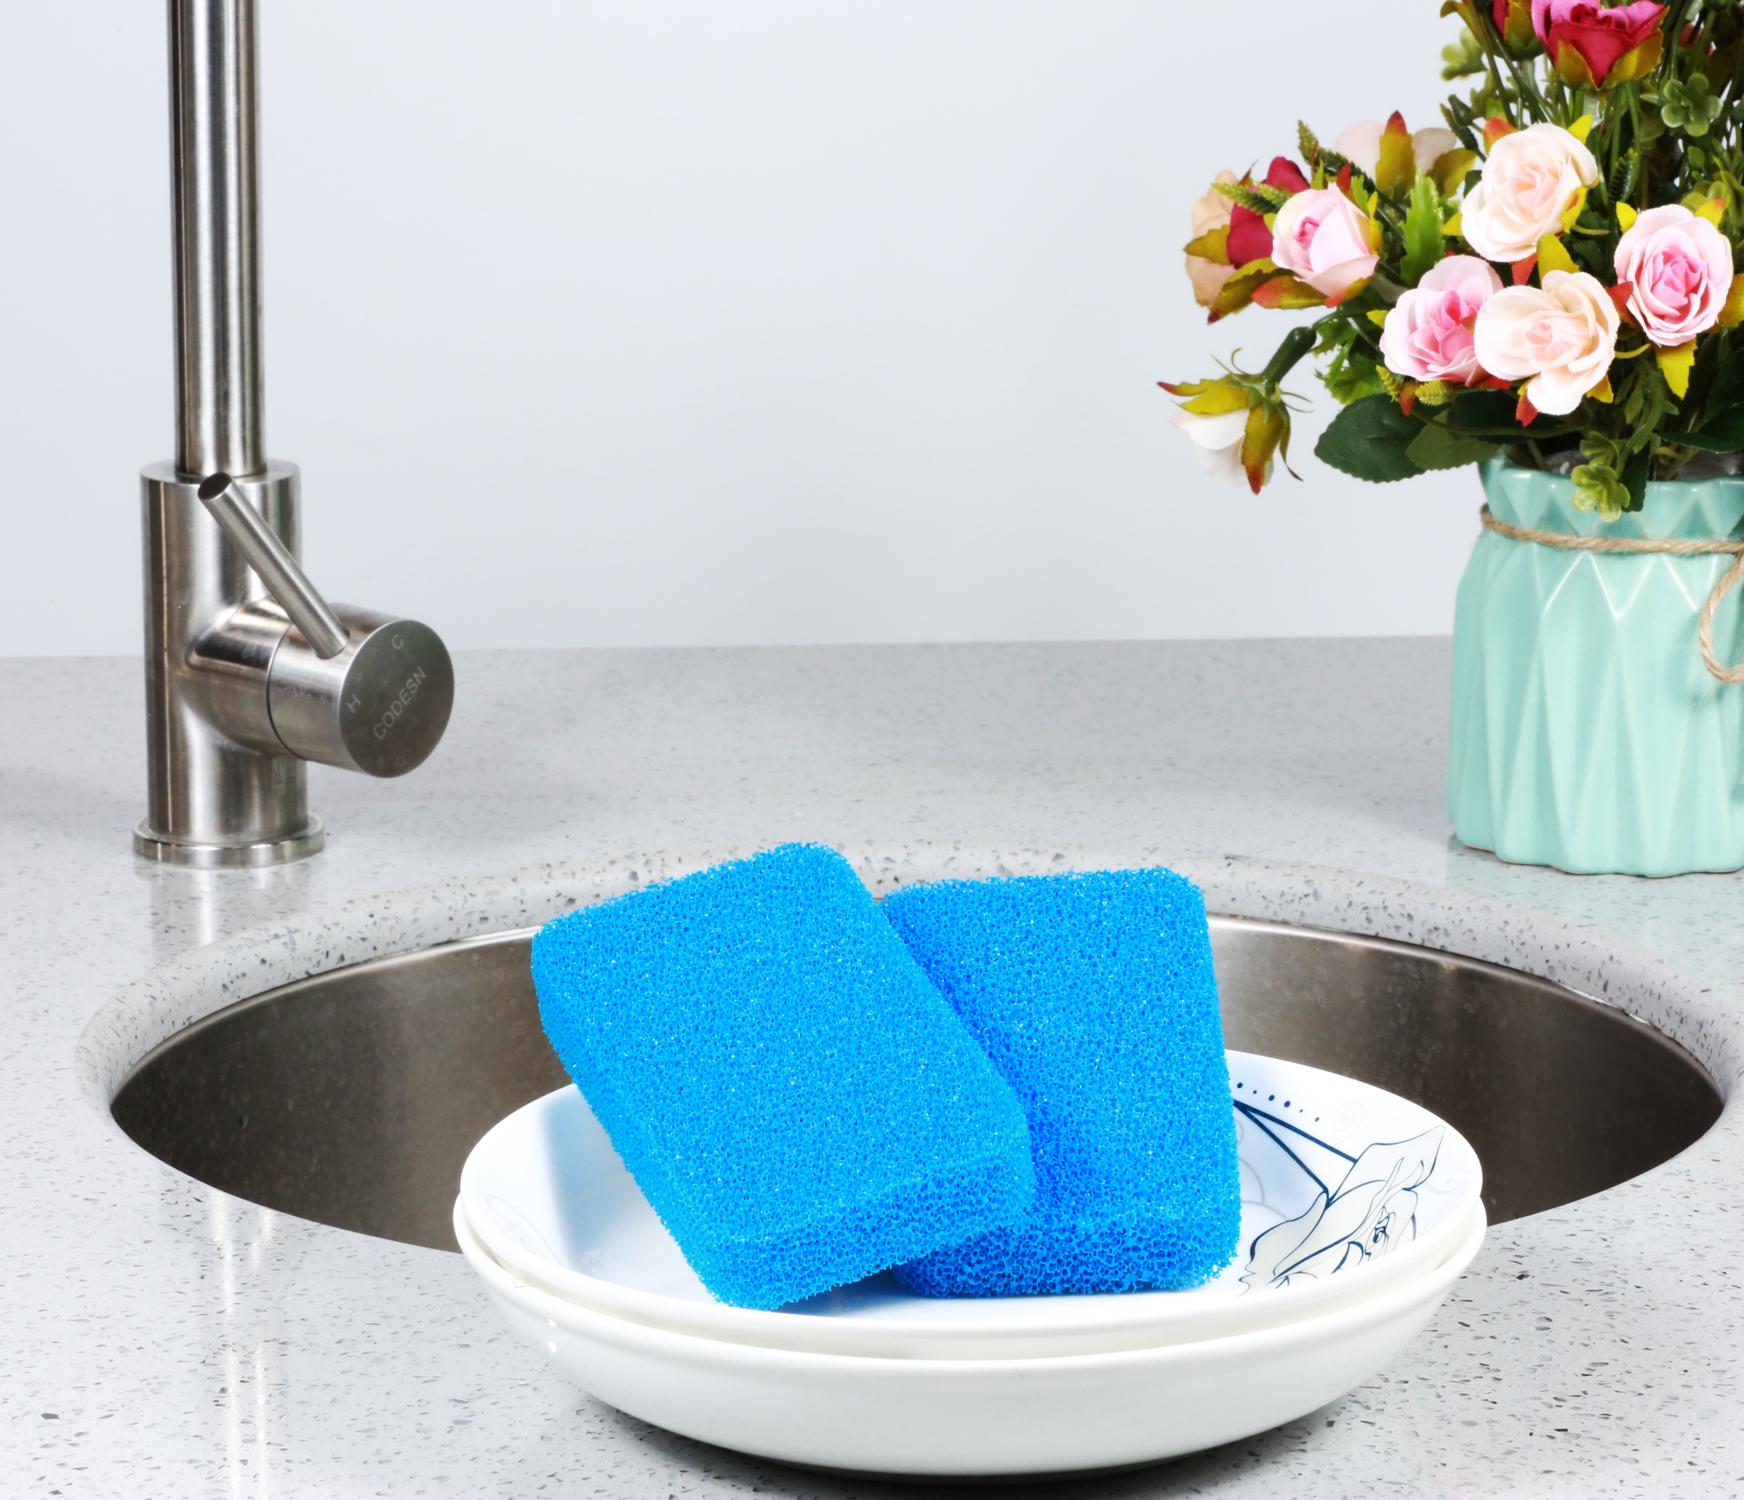 Silicone kitchen dish washing sponge housekeeping cleaning sponge double usage sponge scourer